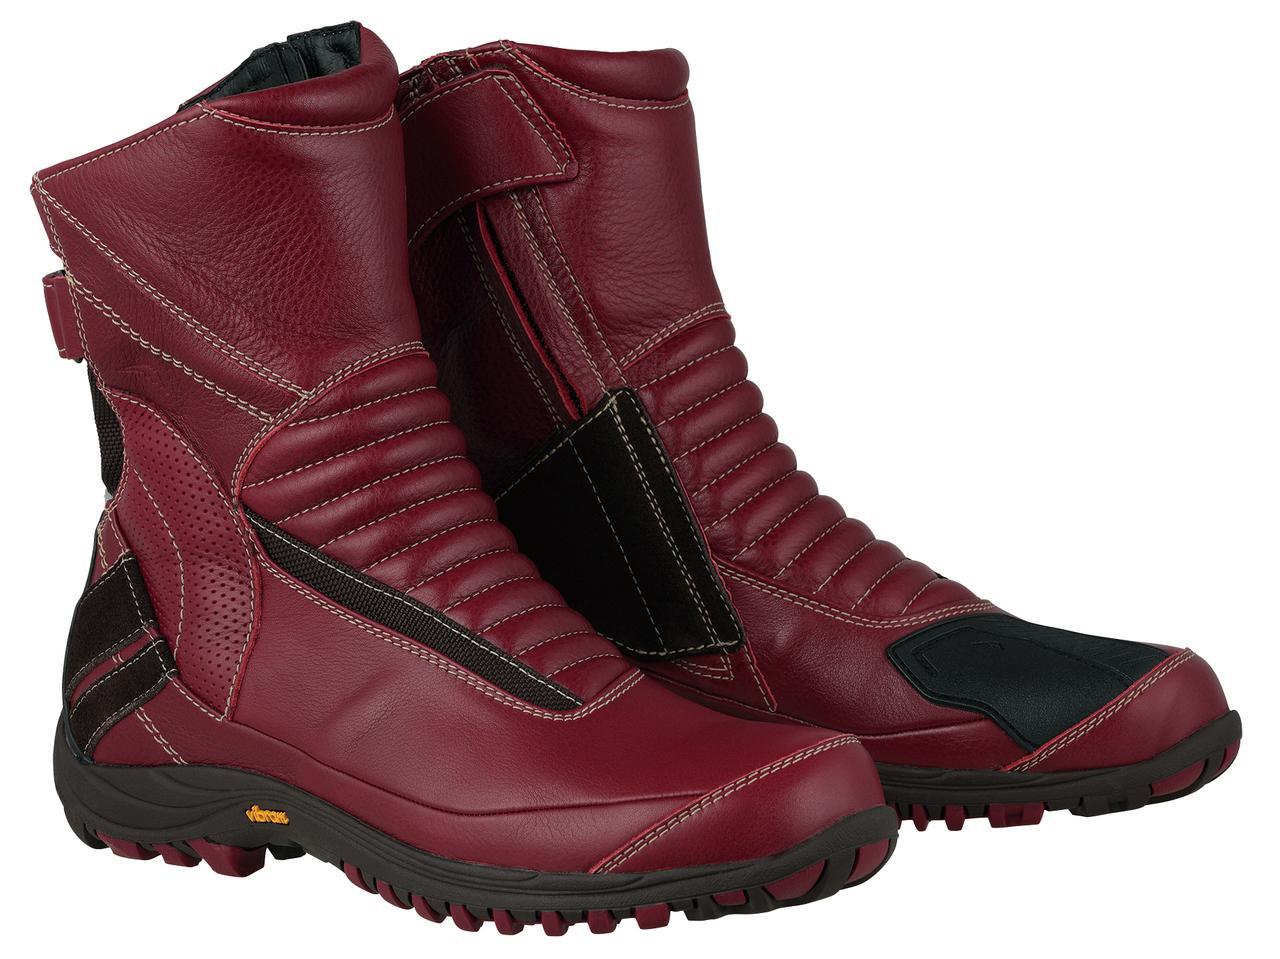 2020年春夏アイテムを早くも発表! クシタニの新作ブーツとウエアをチェック